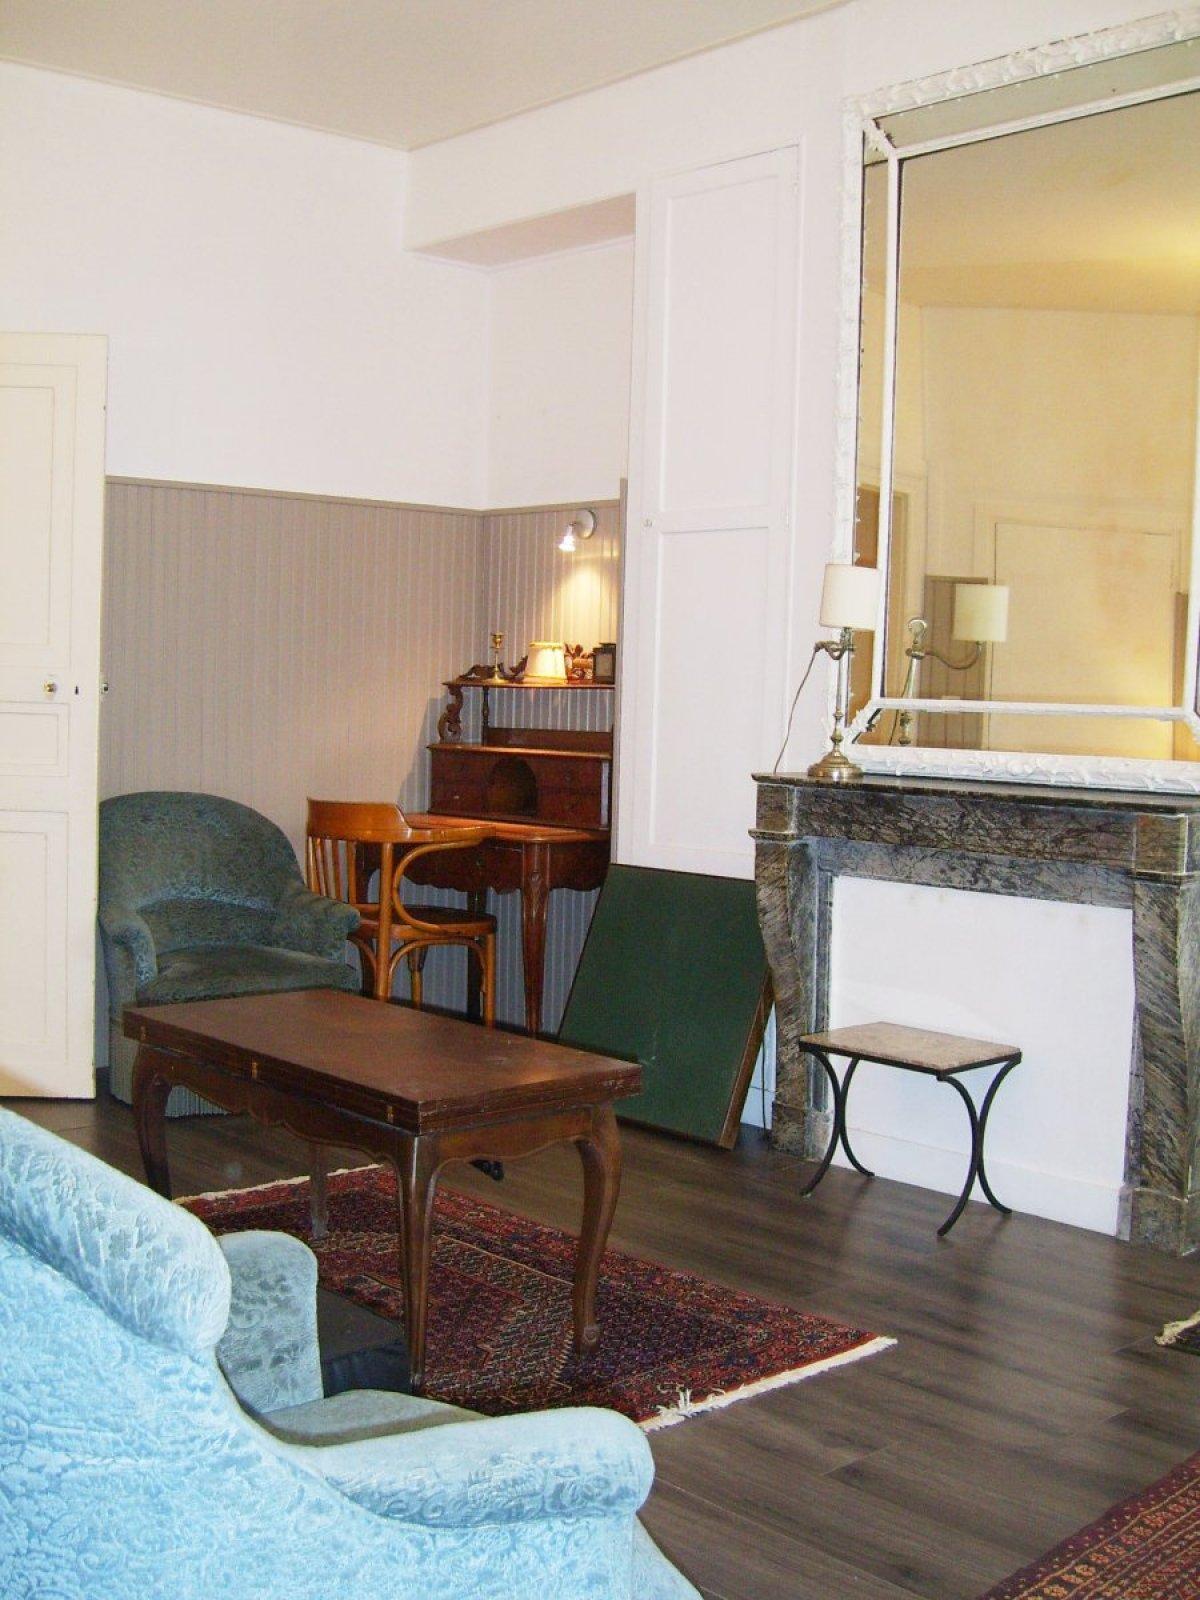 Vente appartement 1 pi ce paris 75008 artois a d b for Vente appartement atypique 75008